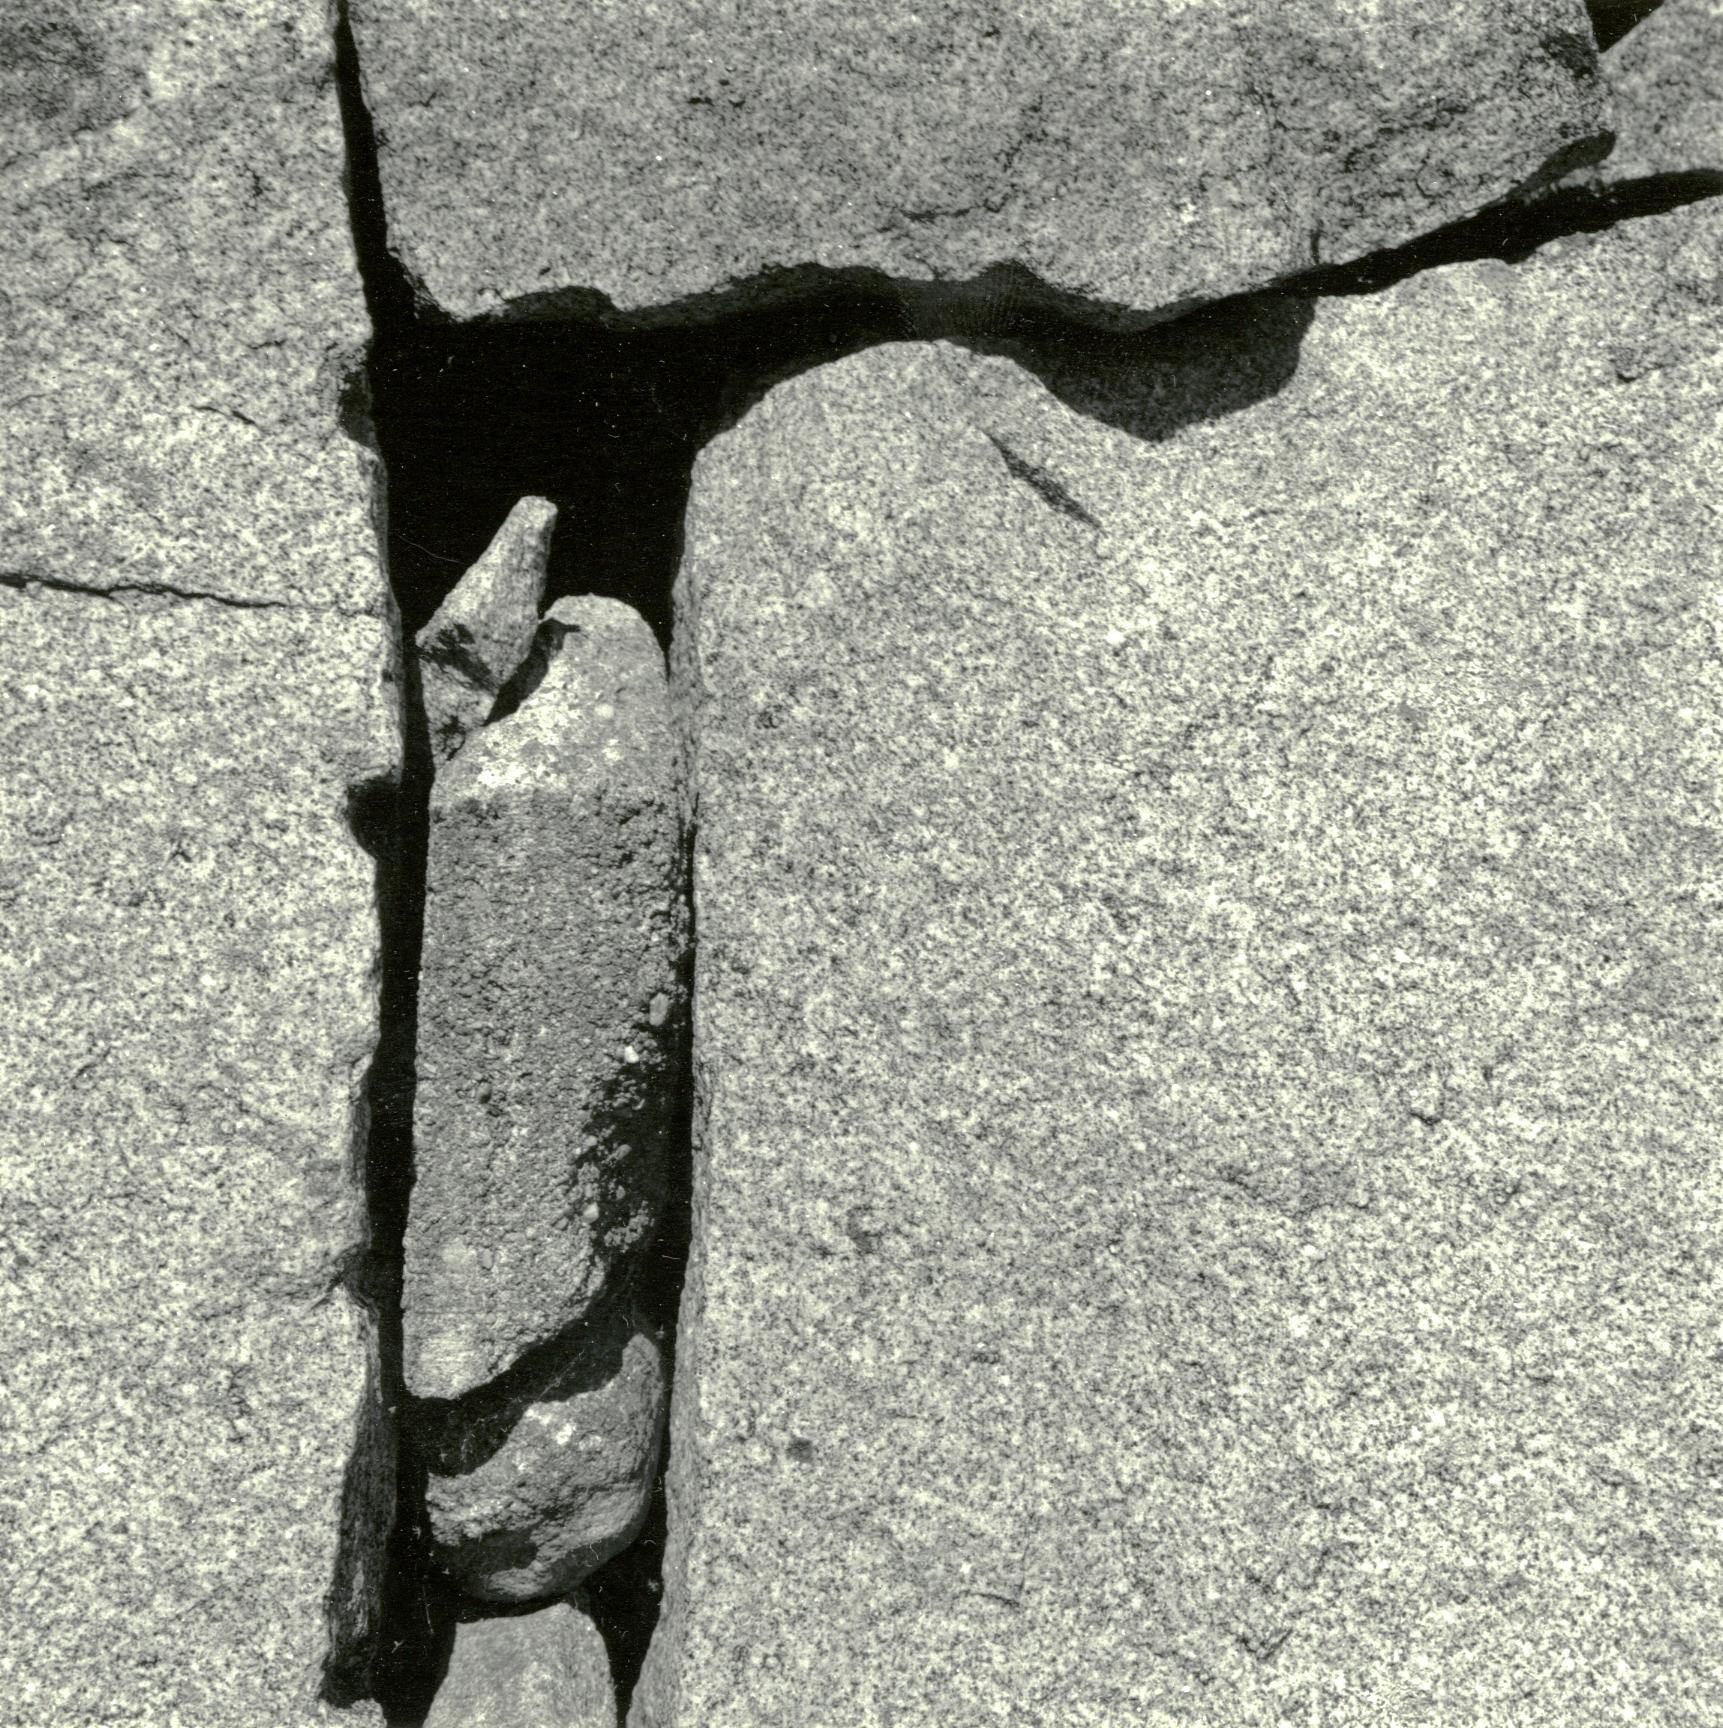 Stone Wall, New Hampshire